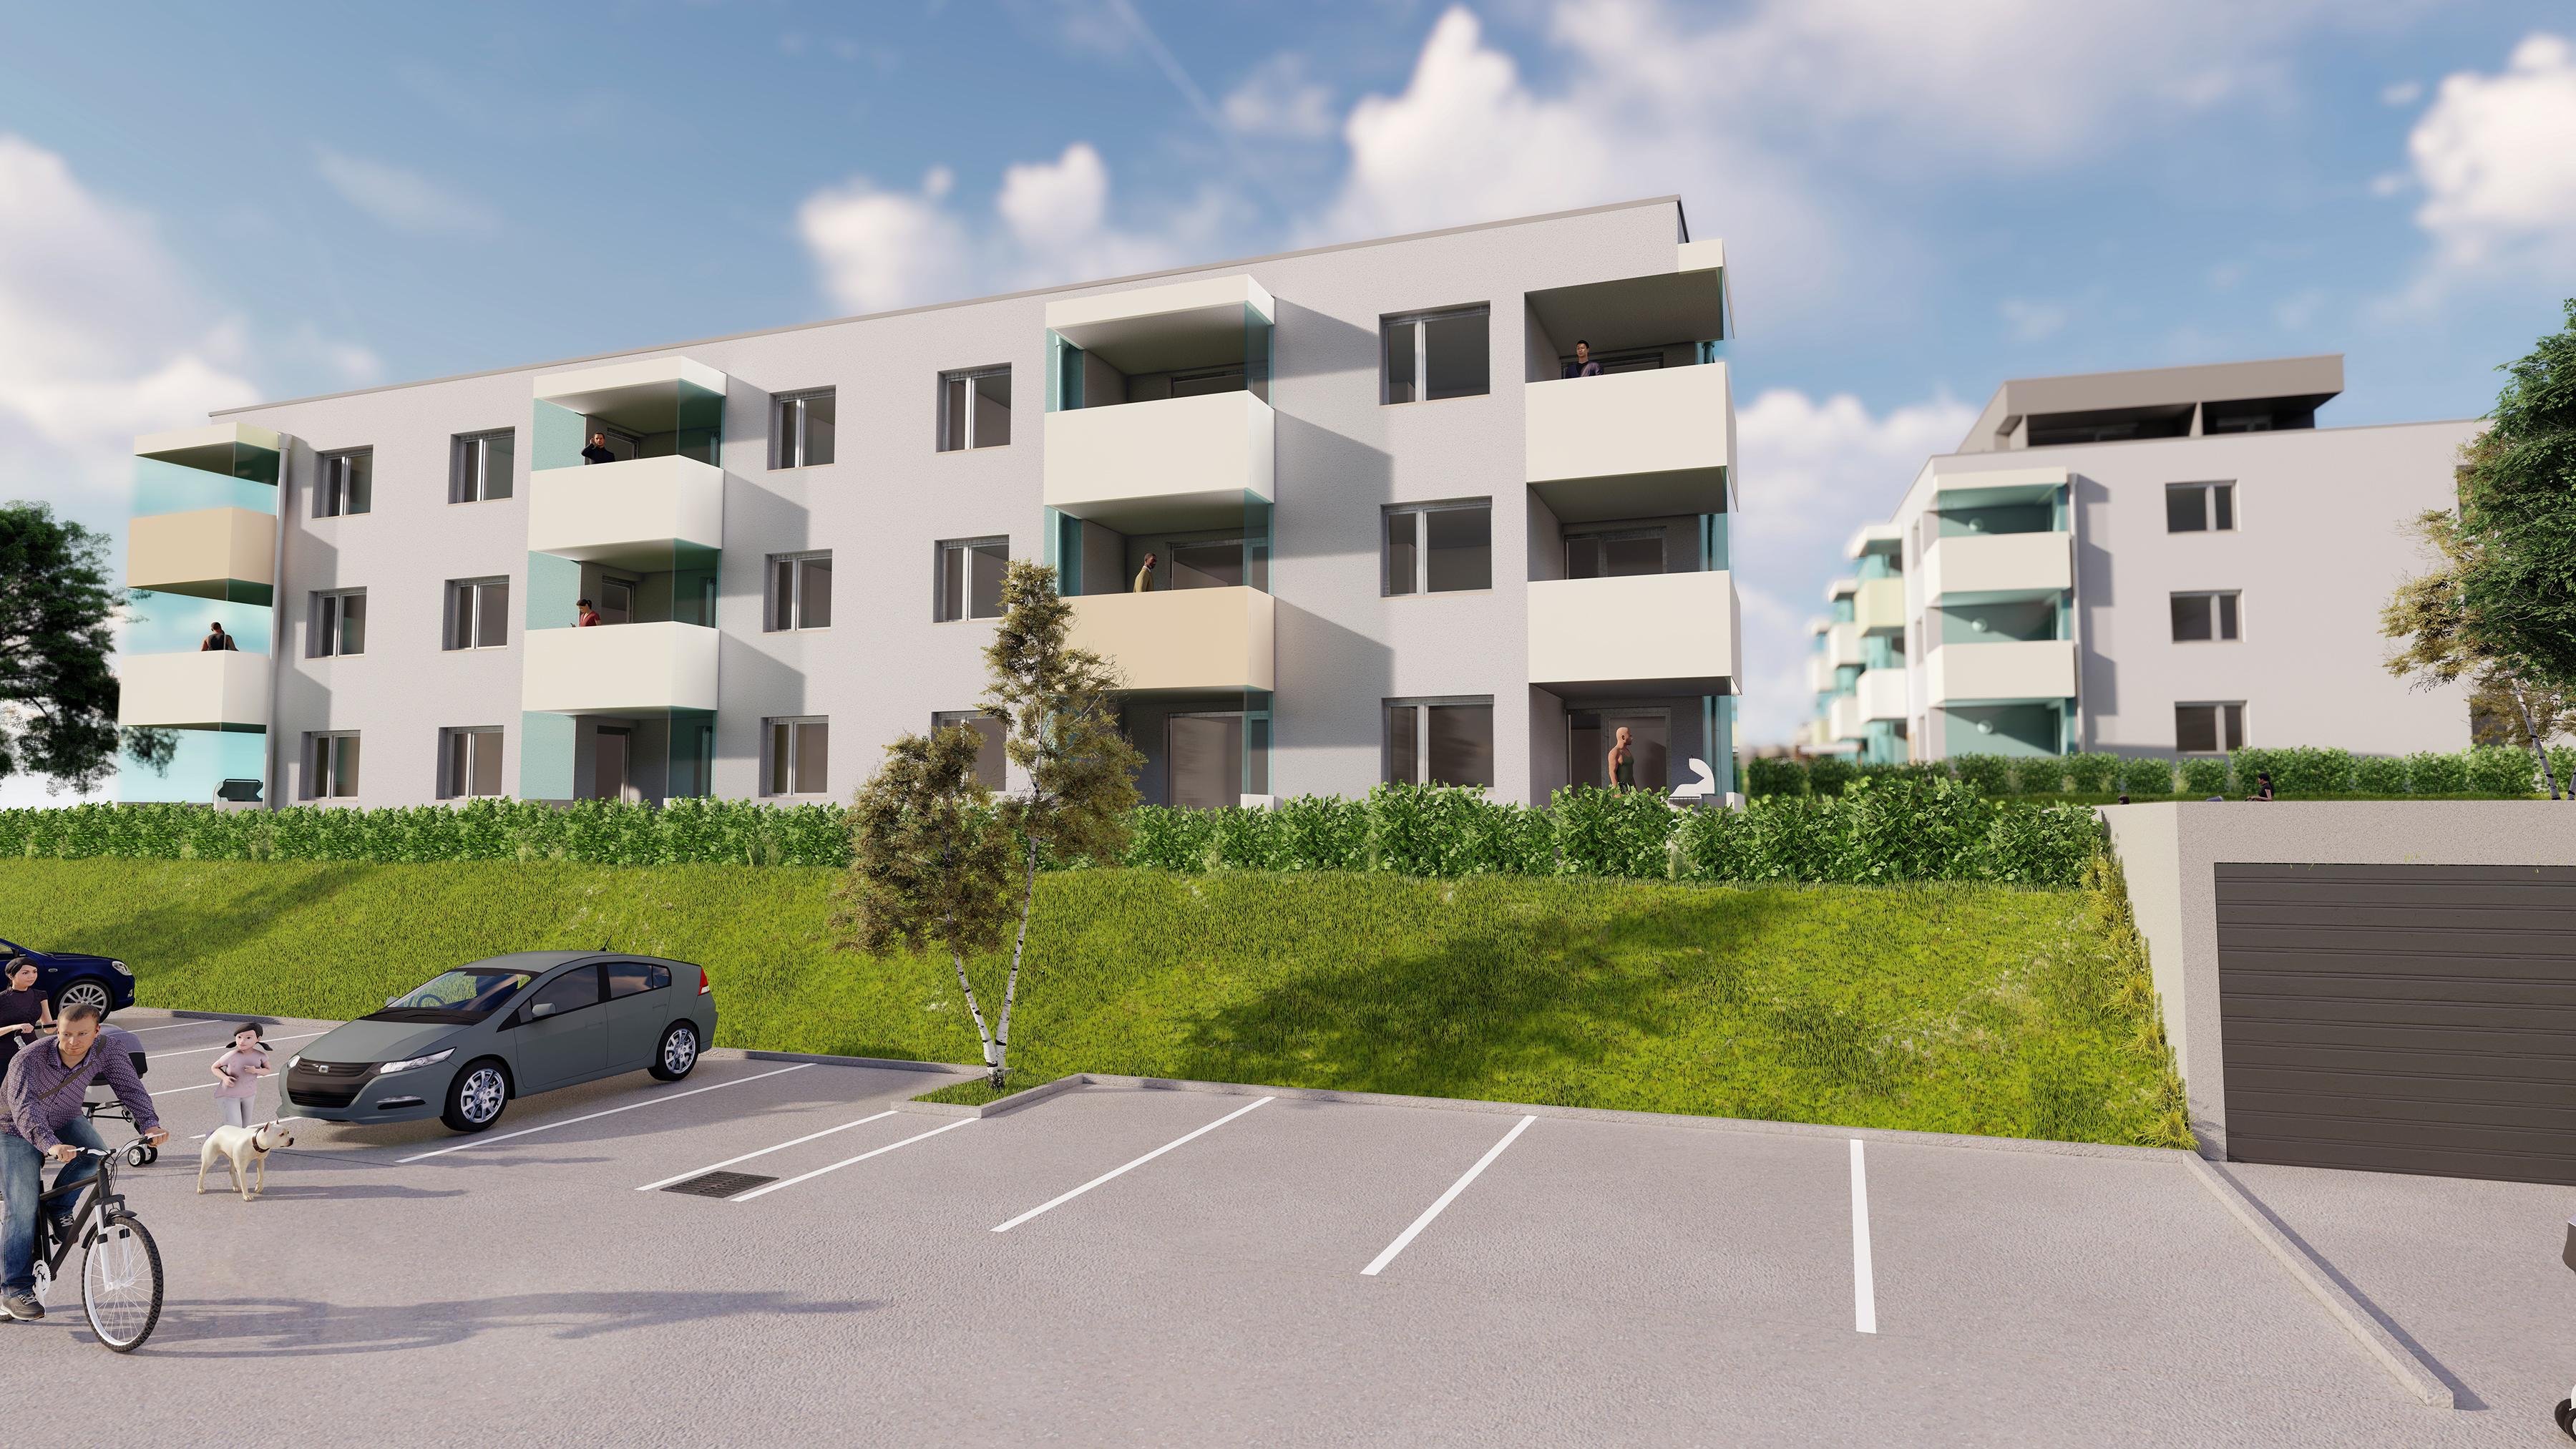 Immobilie von Lebensräume in 4490 St. Florian, Karl-Geisz-Straße 11 - 6.1 / EG #1